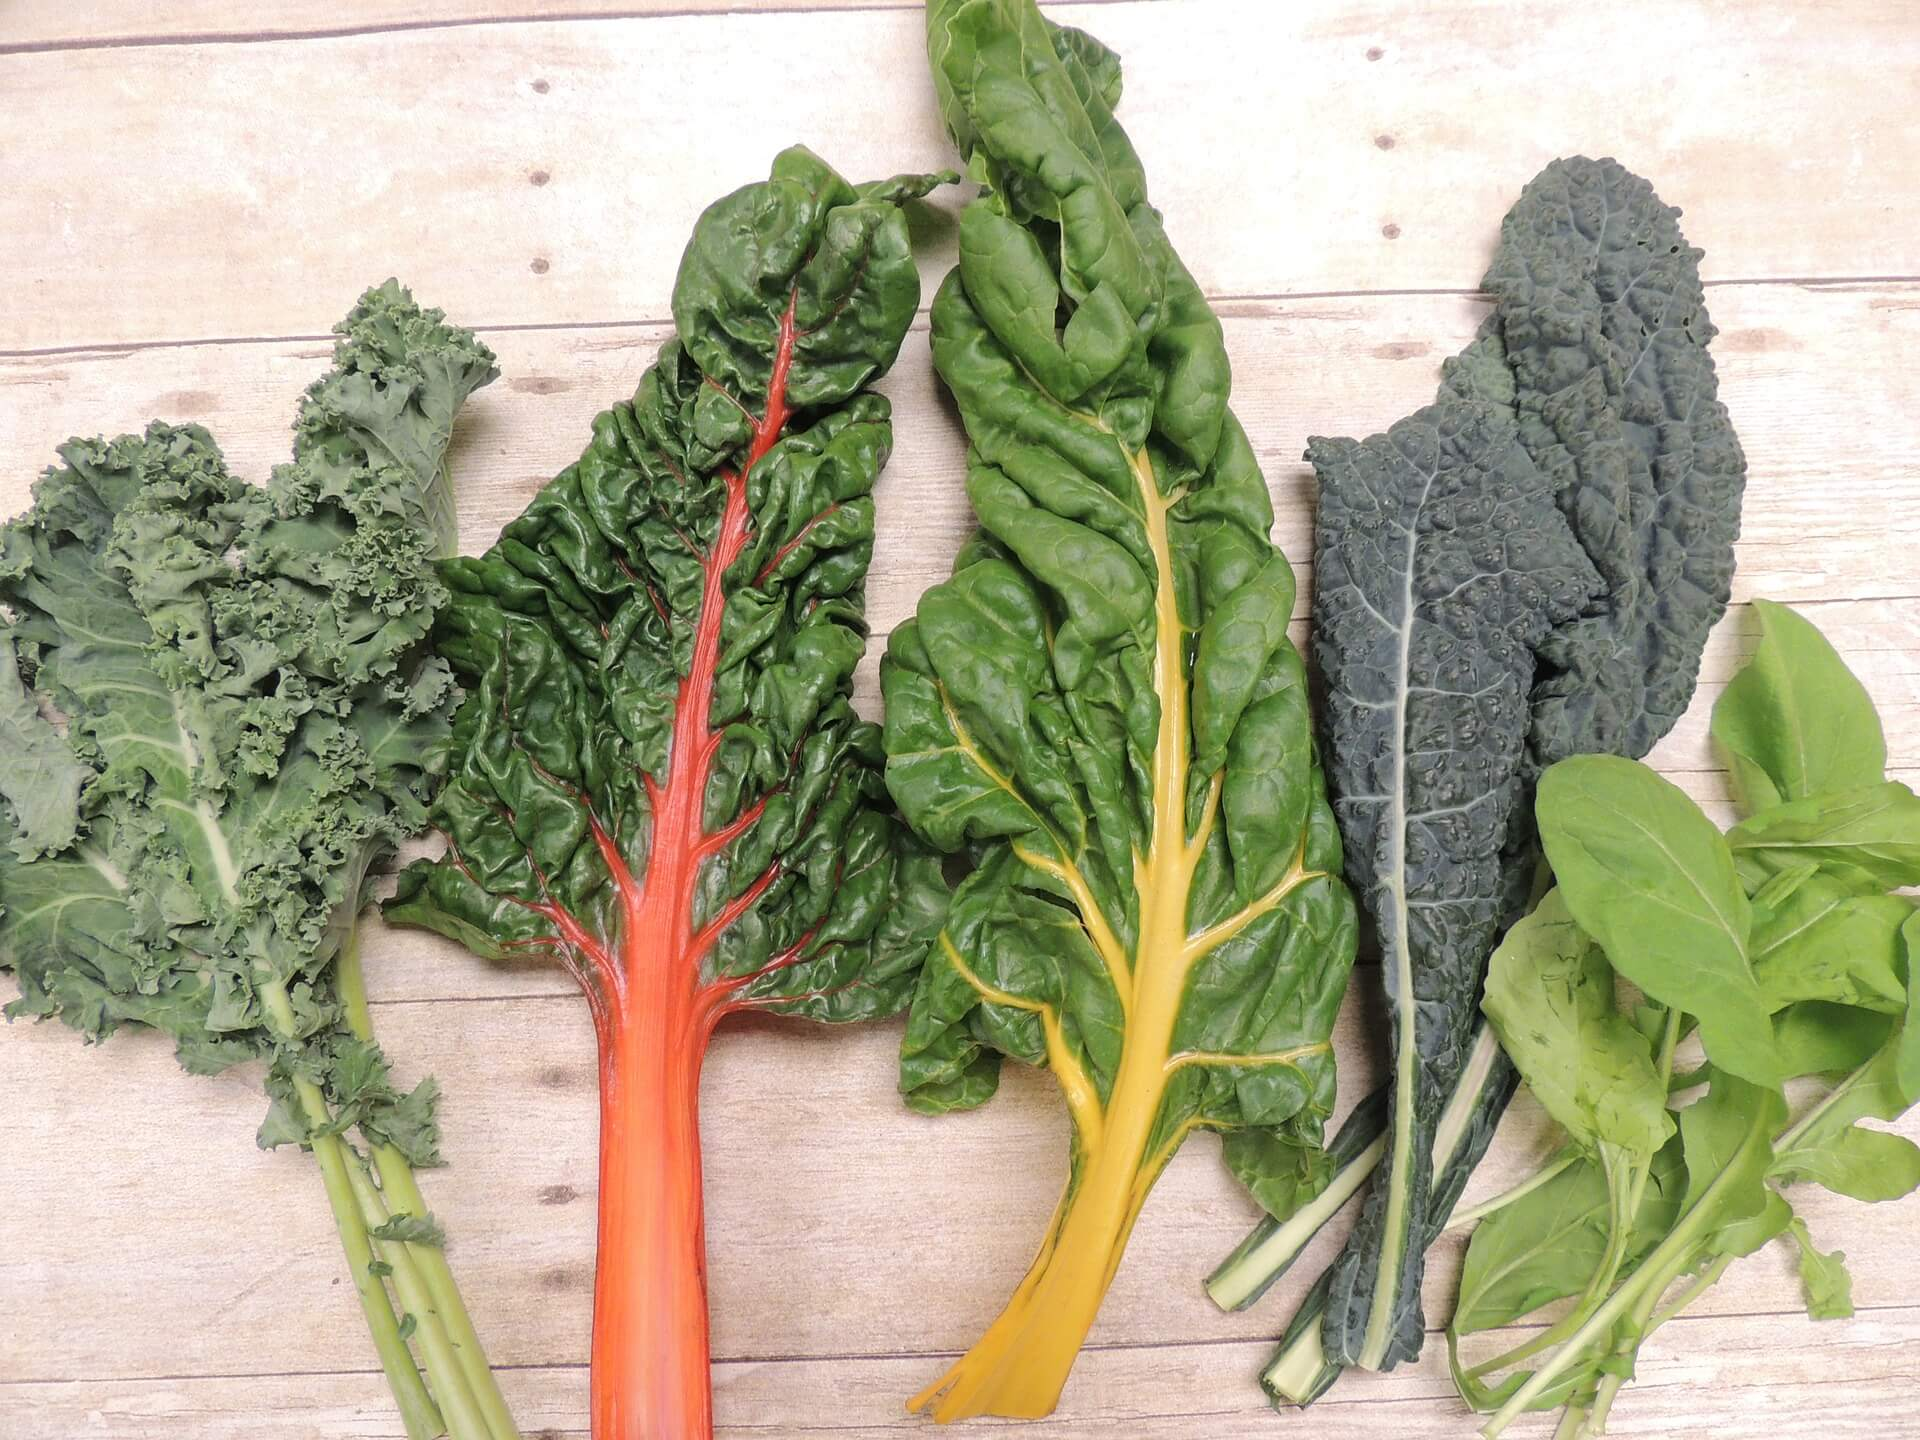 Grünes Blattgemüse als Proteinquelle